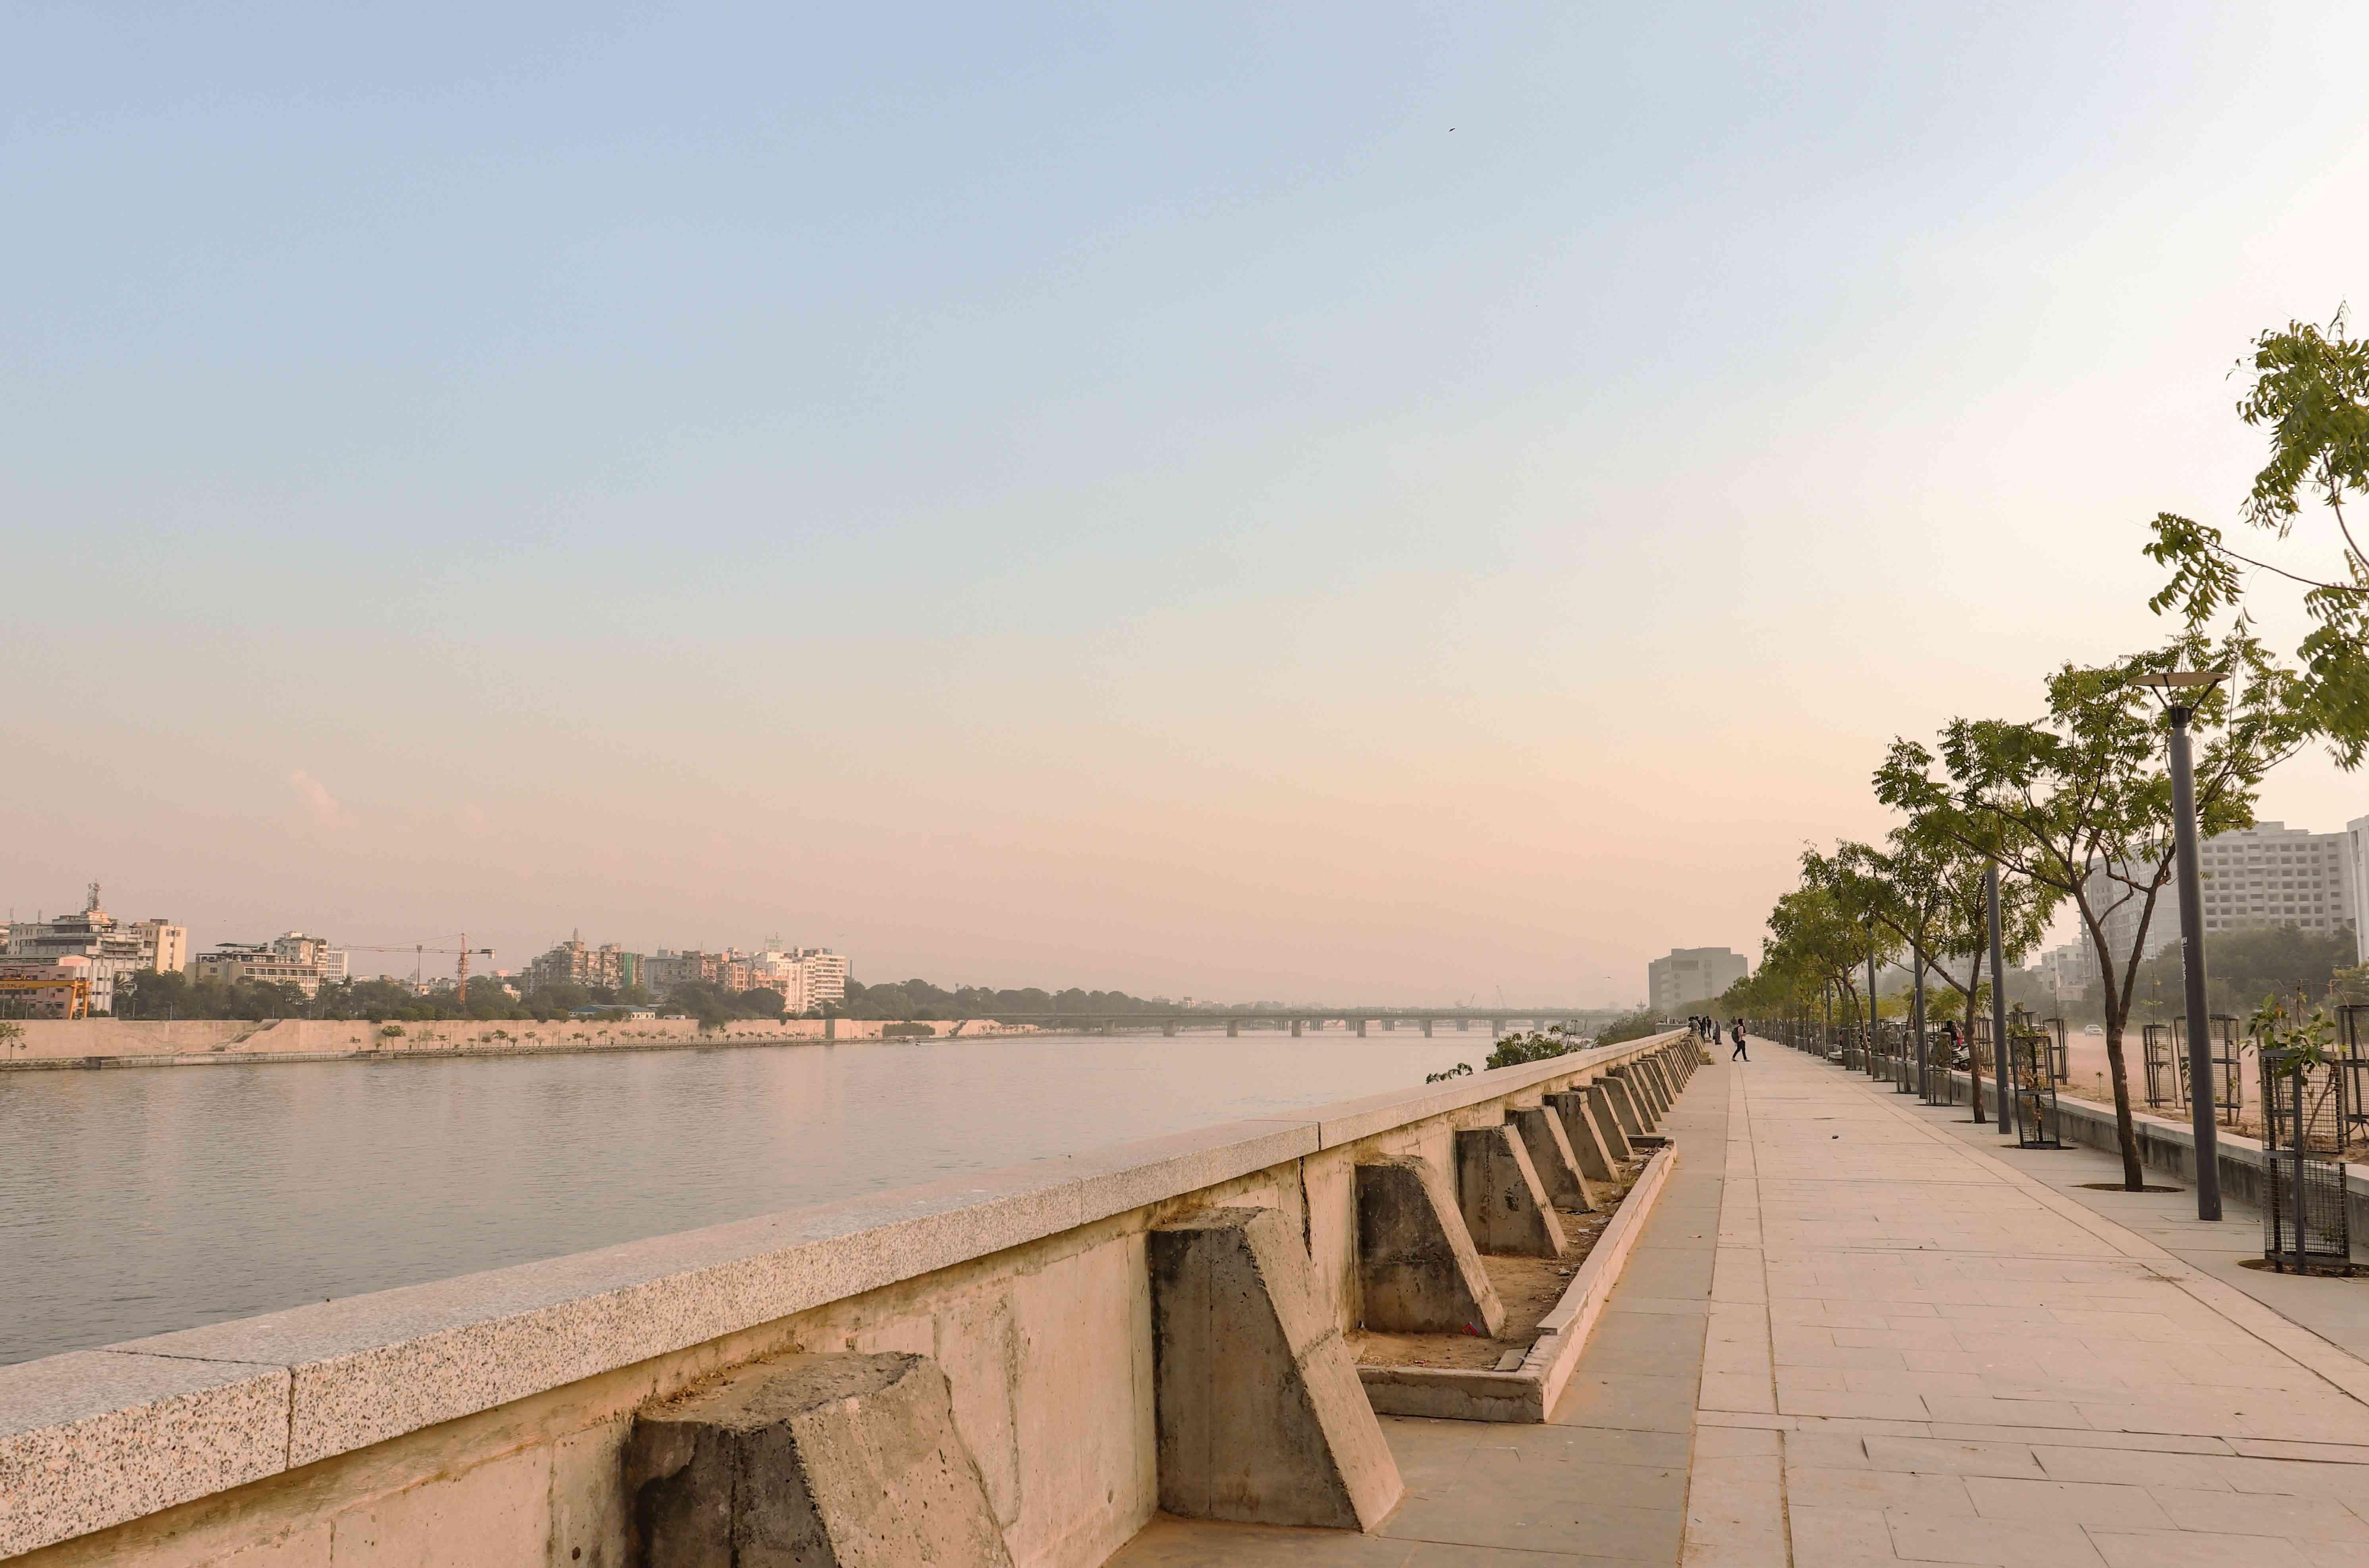 An evening at the Sabarmati riverfront/Ahmedabad/India